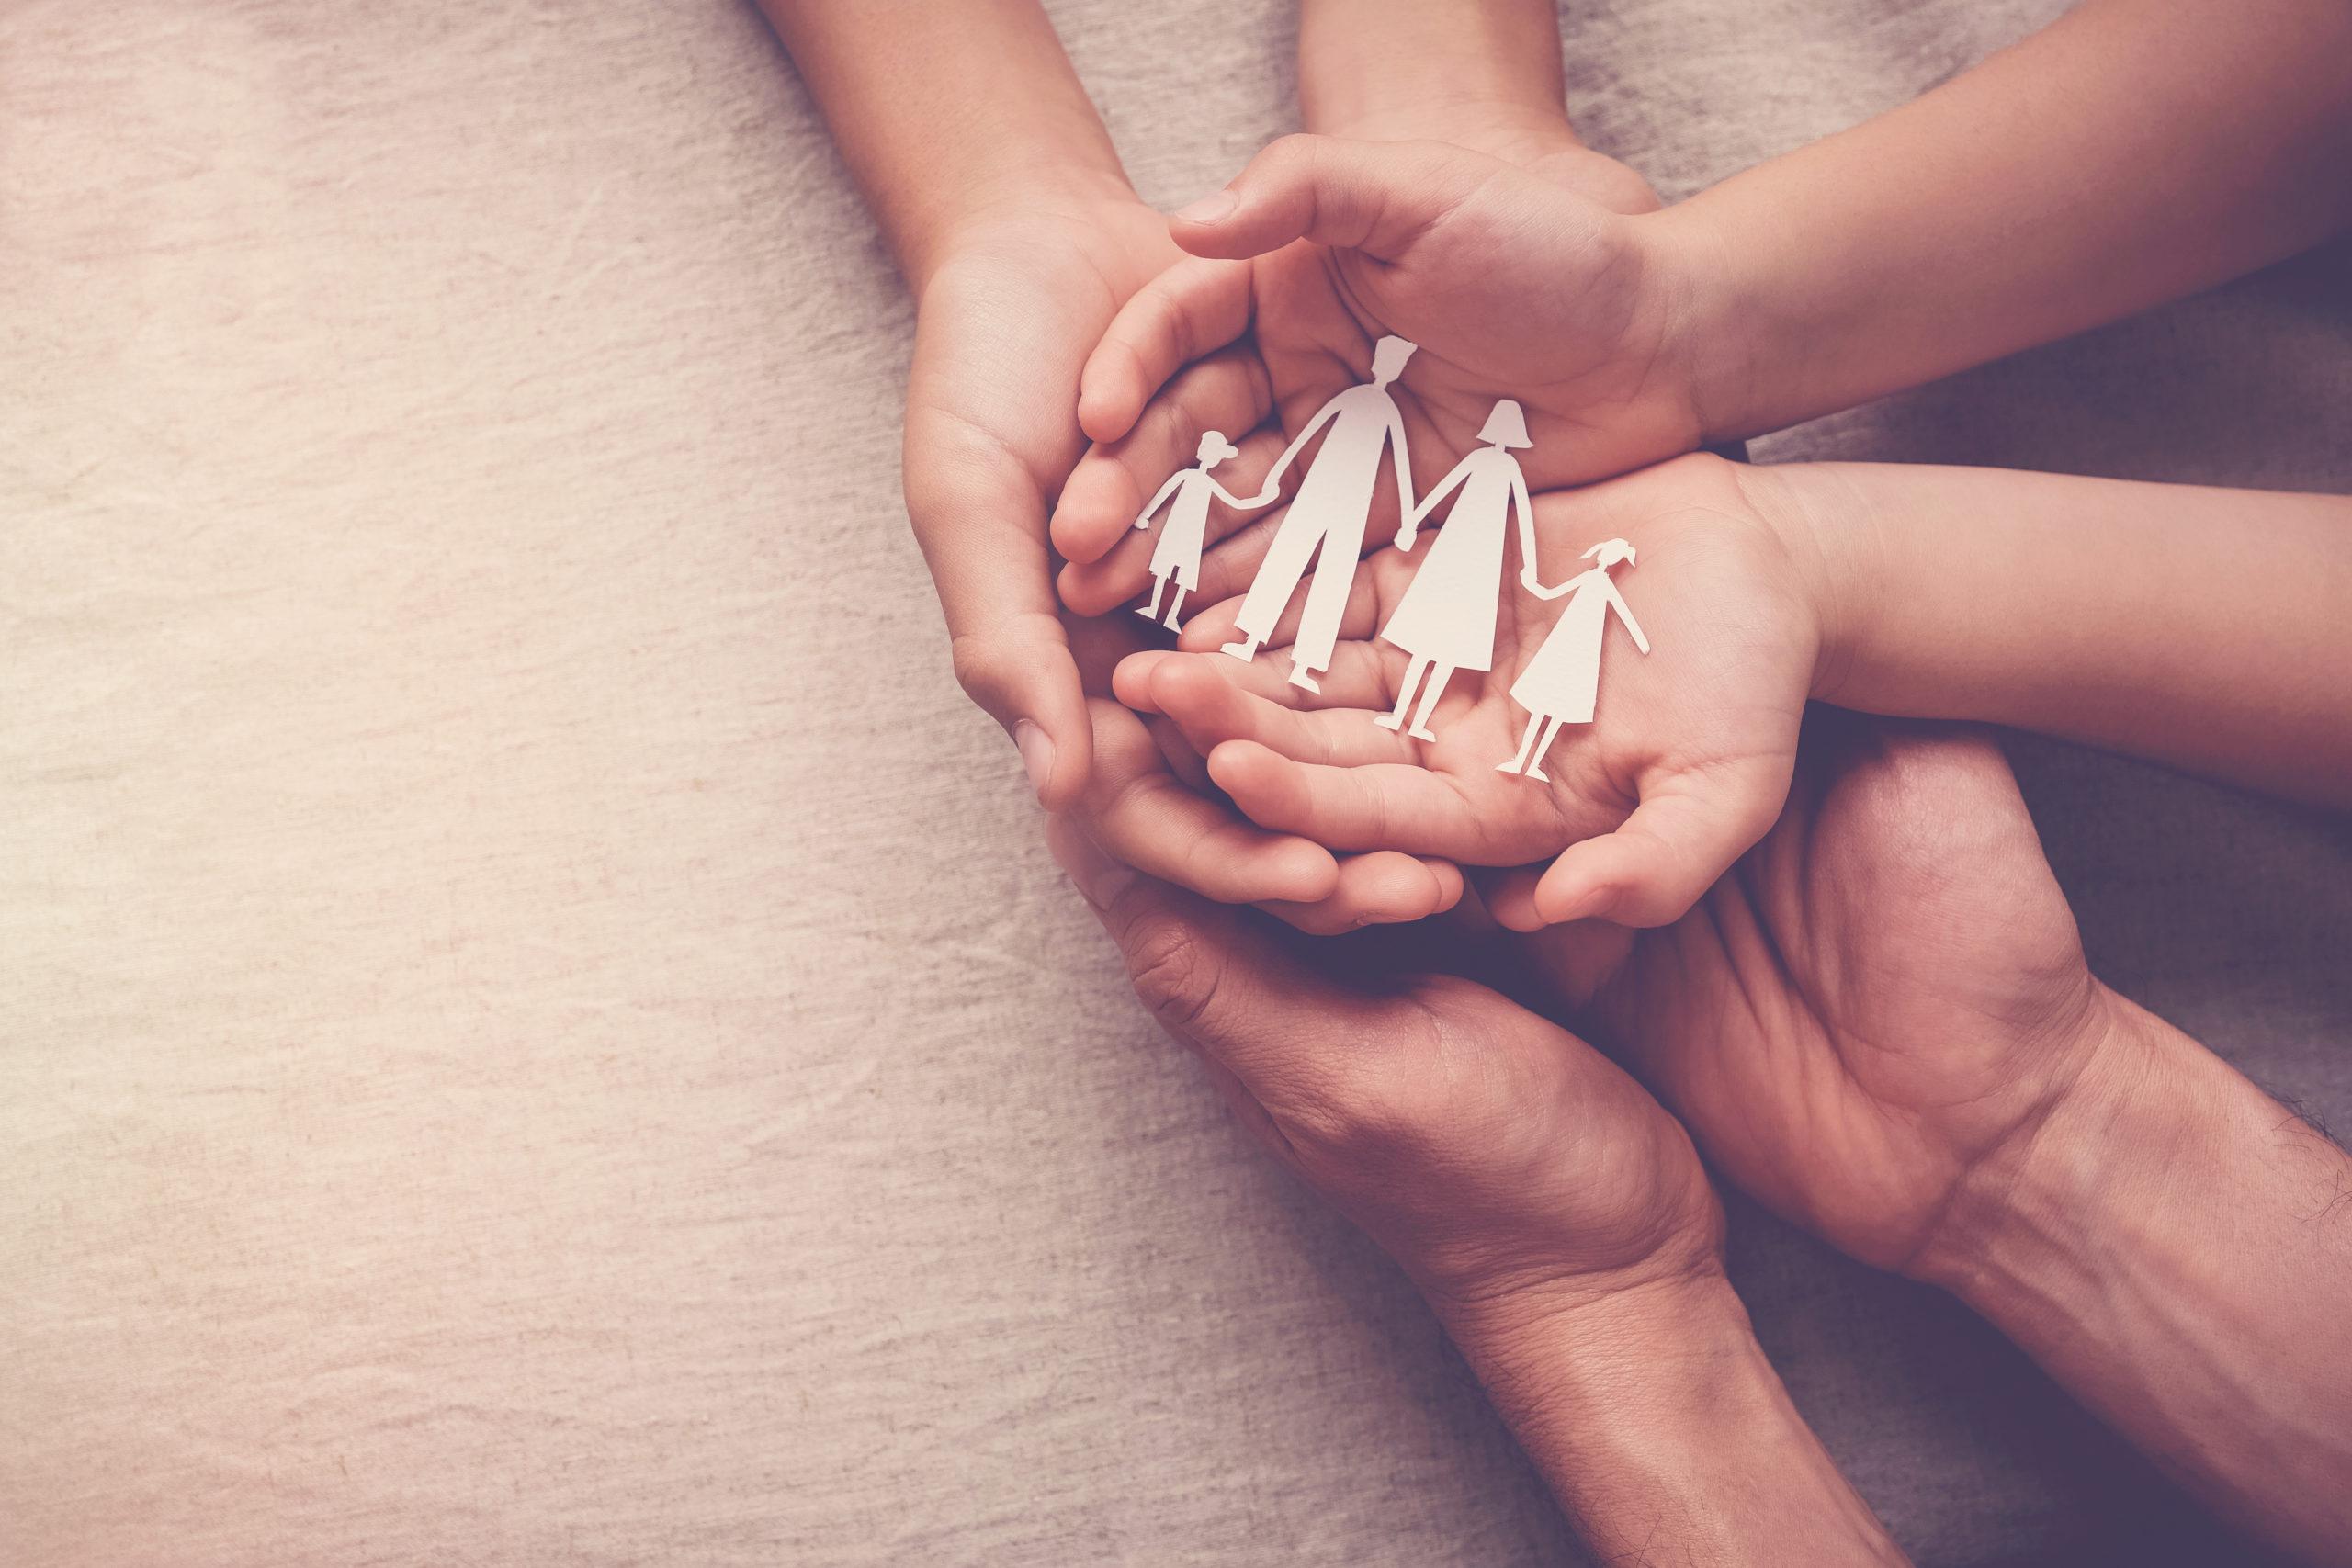 9月28日(火)・10月2日(土) 「子どもにインナーチャイルドをつけない子育て」無料個別相談会@Zoom